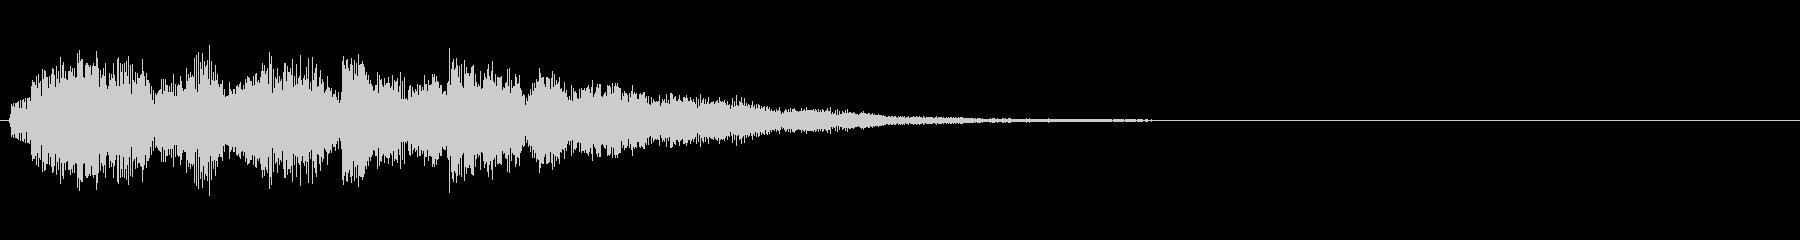 タイトルSE(穏やかな音)の未再生の波形